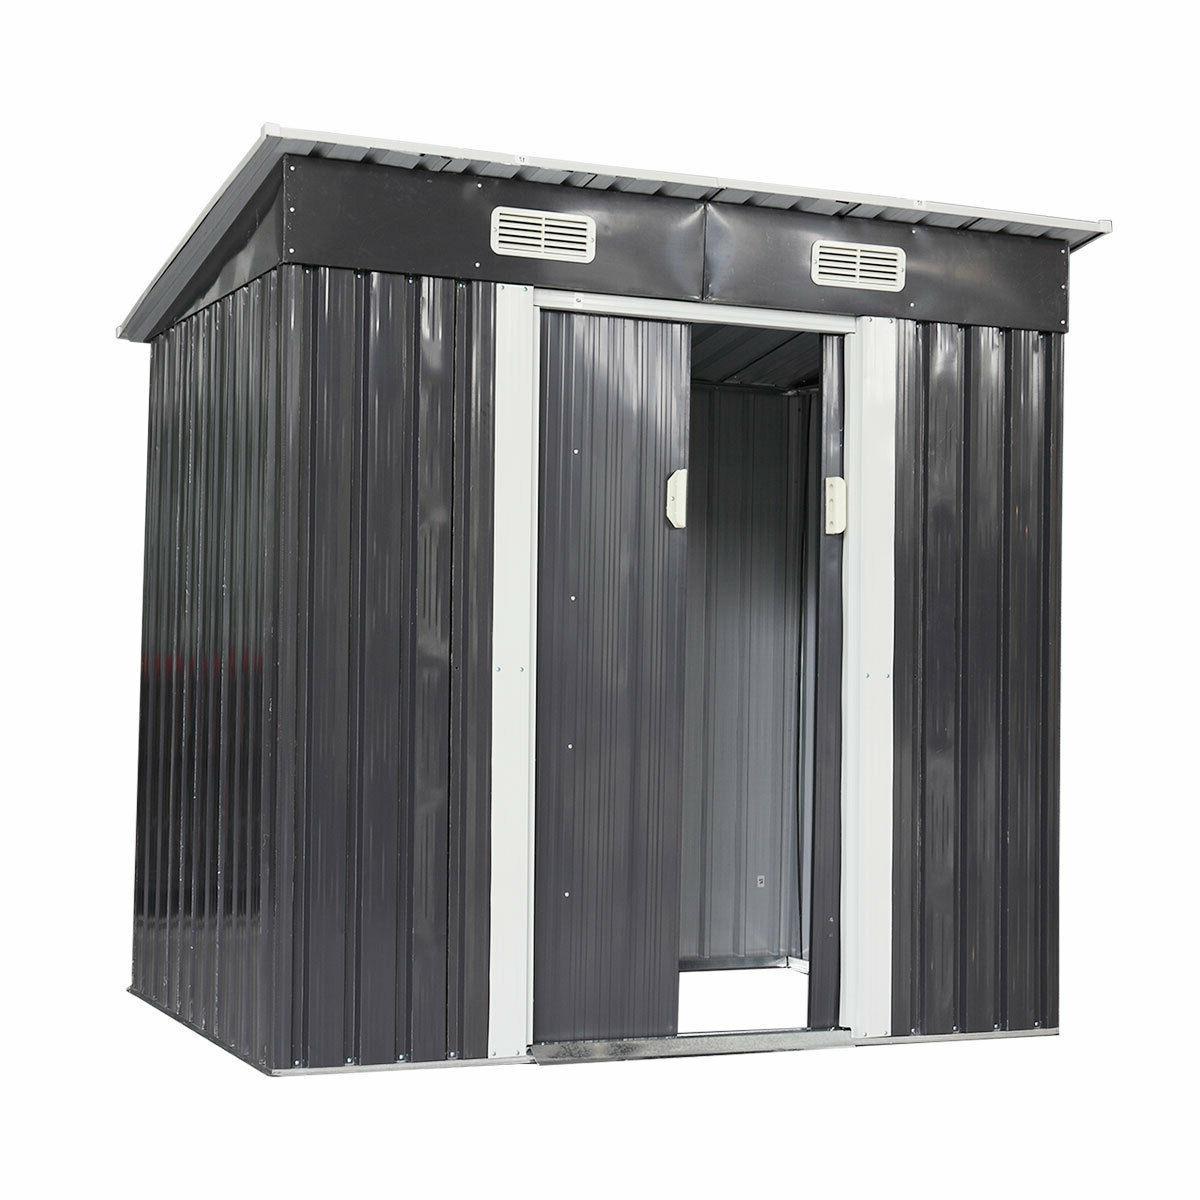 4 x Outdoor Storage Shed Box Garden